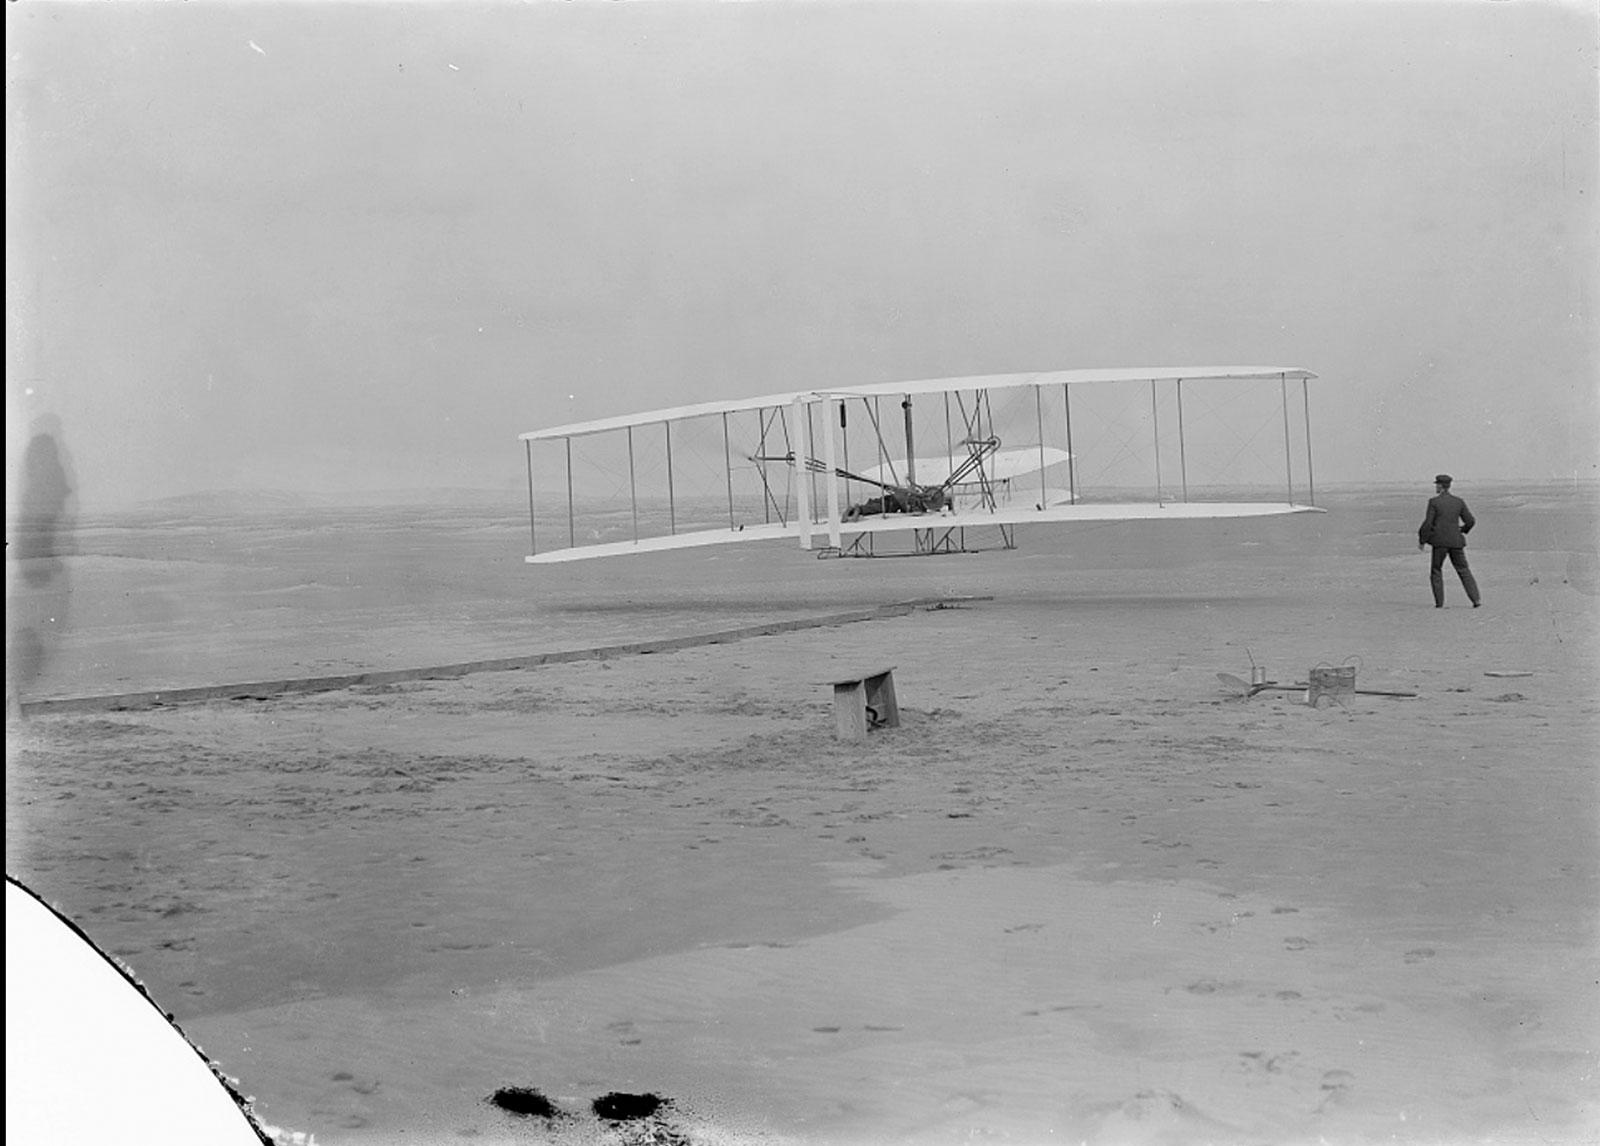 Le Flyer 1, contrôlé par Orville Wright, effectue le premier vol motorisé de l'histoire à Kitty Hawk, en Caroline du Nord, le 17 décembre 1903. Le frère d'Orville, Wilbur, regarde sur cette photo, qui a été prise par John Daniels, membre de l'US Life- Station d'épargne à Kill Devil Hills, Caroline du Nord.